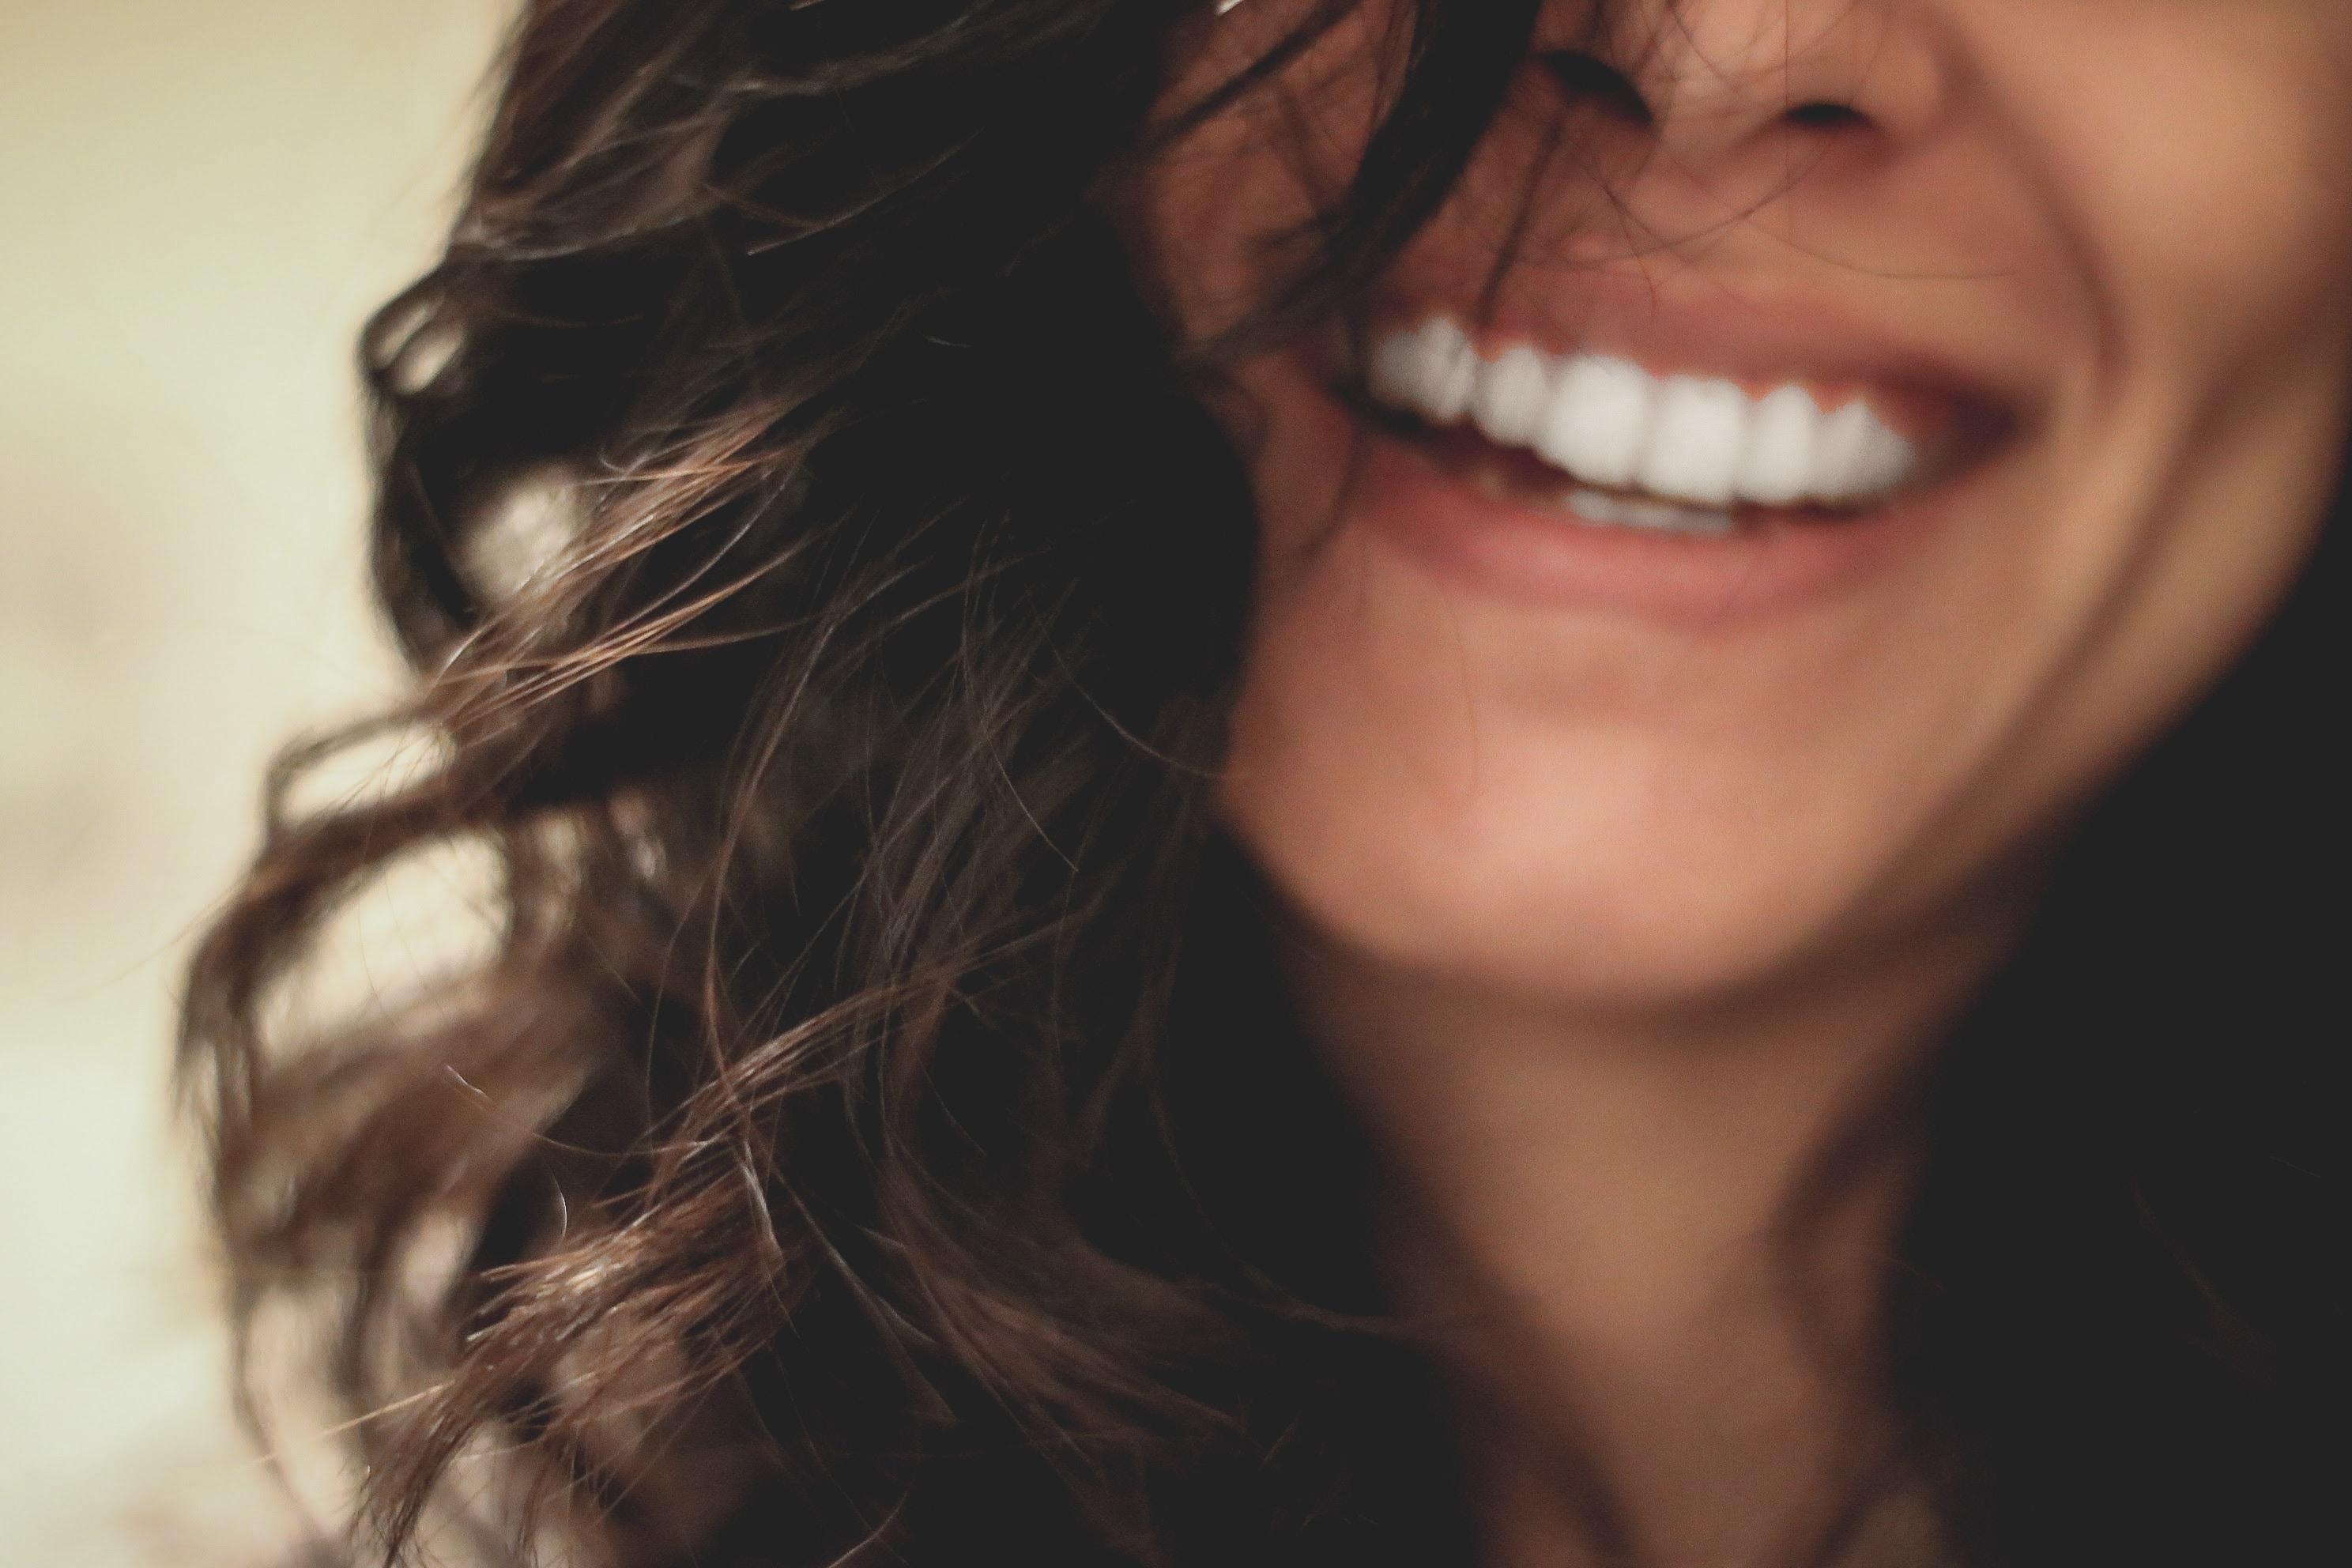 ホーチミンで歯の着色が付きやすい原因は?|ホーチミンの歯医者【ありが歯科】が解説!